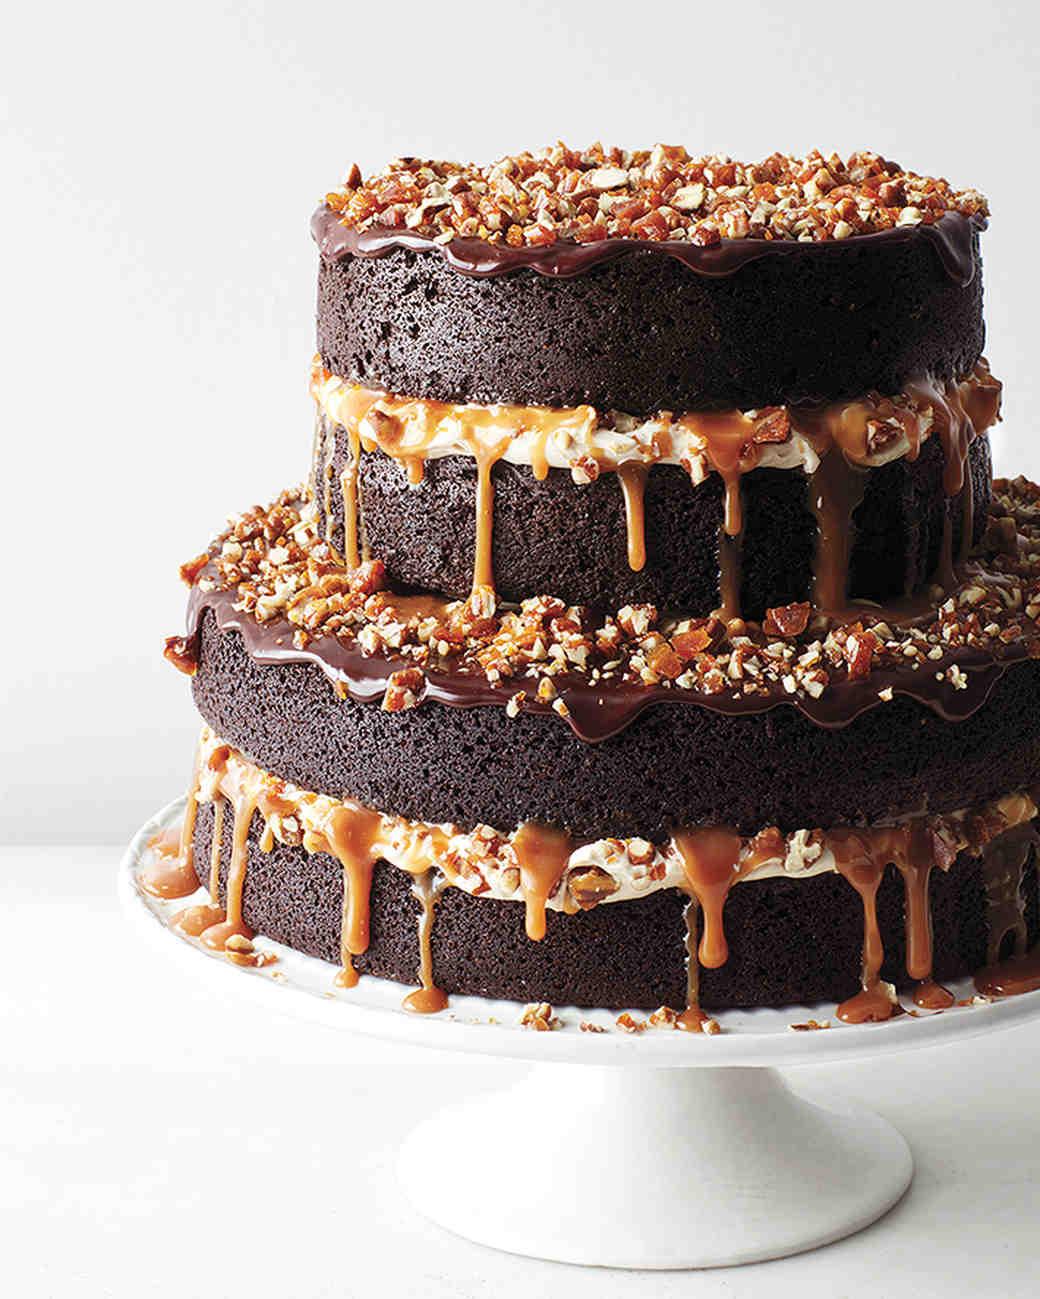 Fullsize Of Chocolate Cake Images